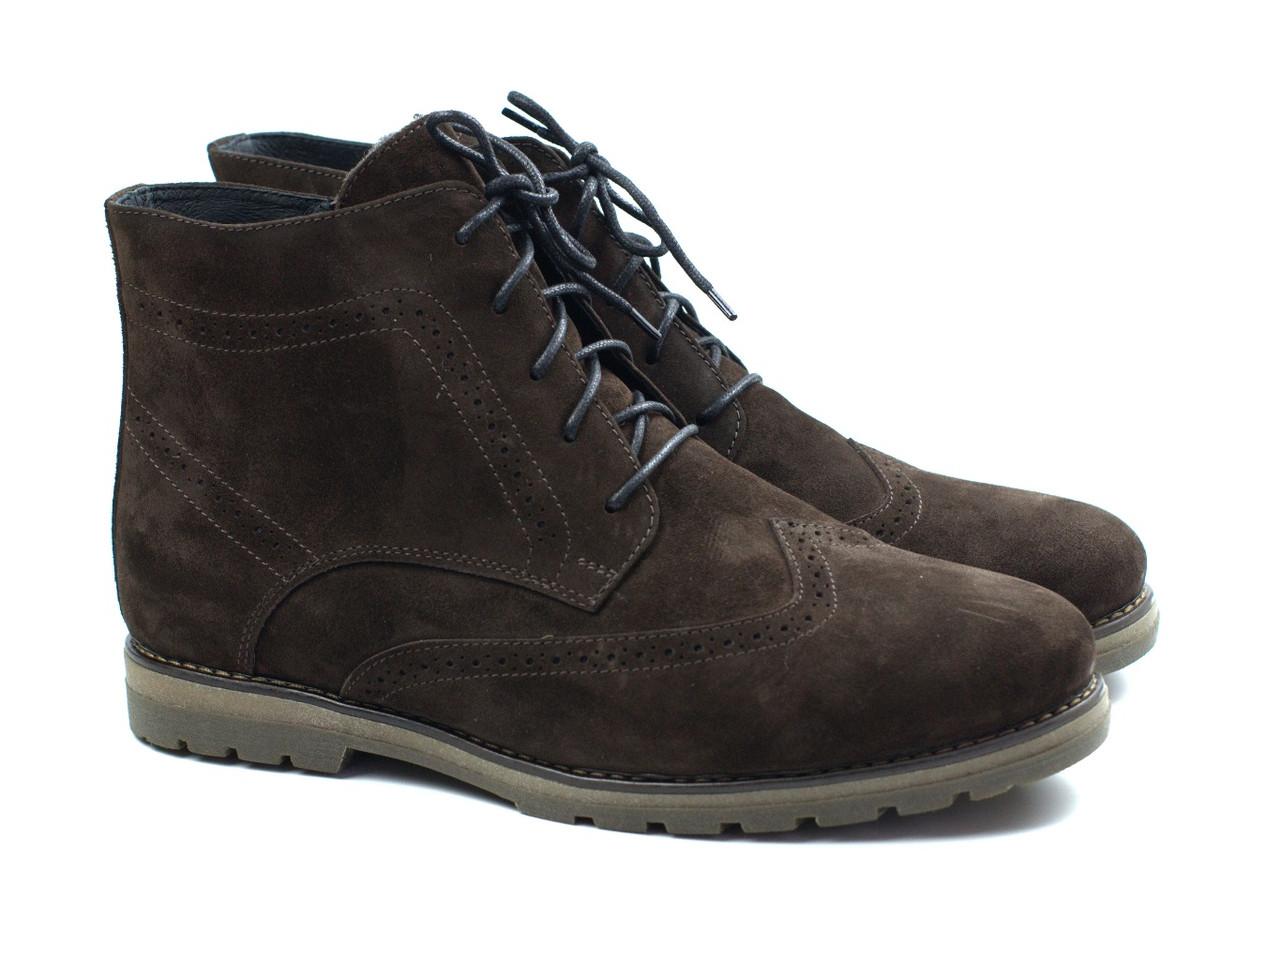 Зимние ботинки замшевые коричневые мужская обувь Rosso Avangard Whisper Brogue Brown